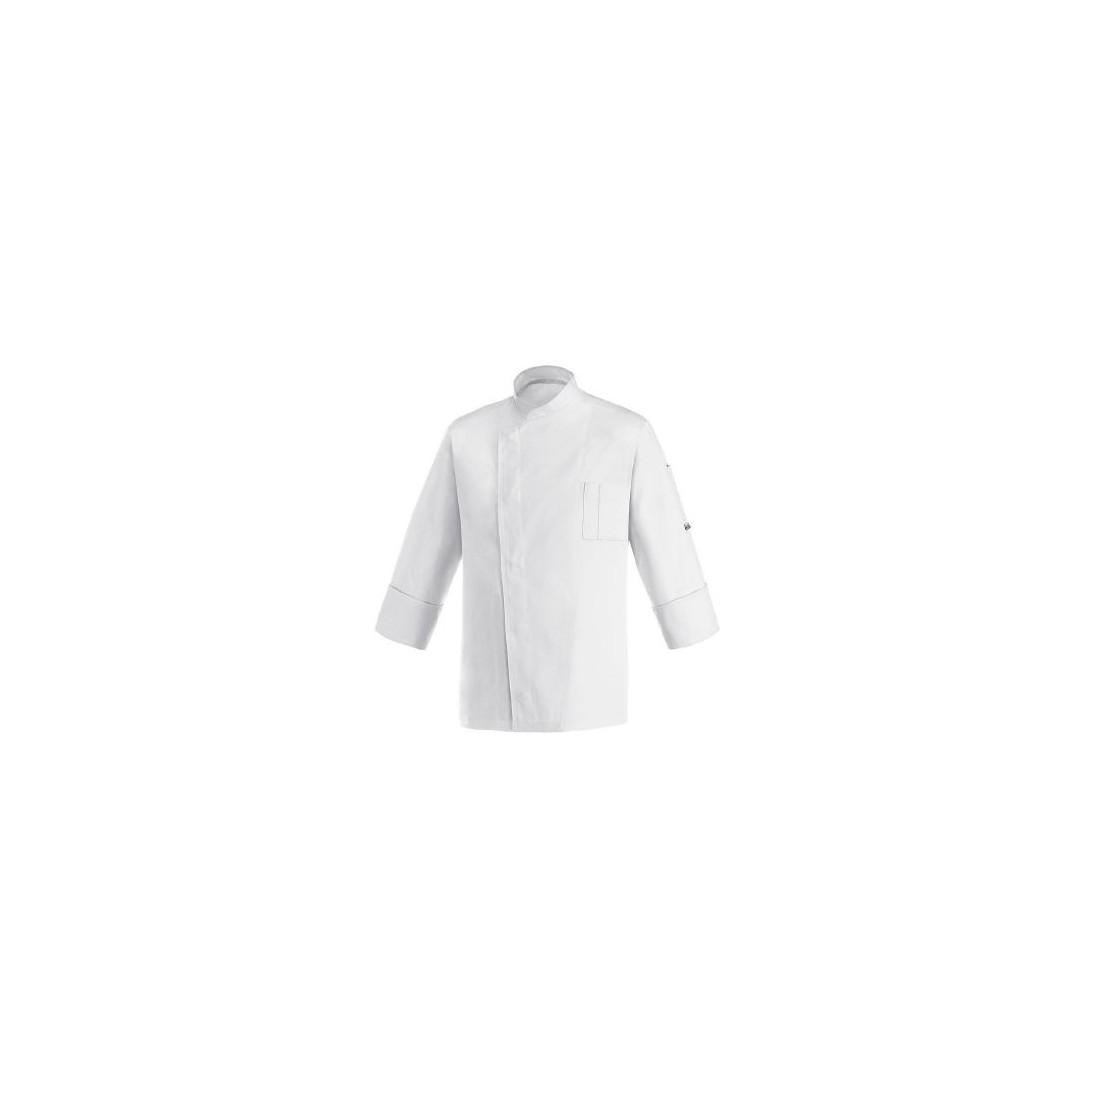 Chaqueta cocina white cheap